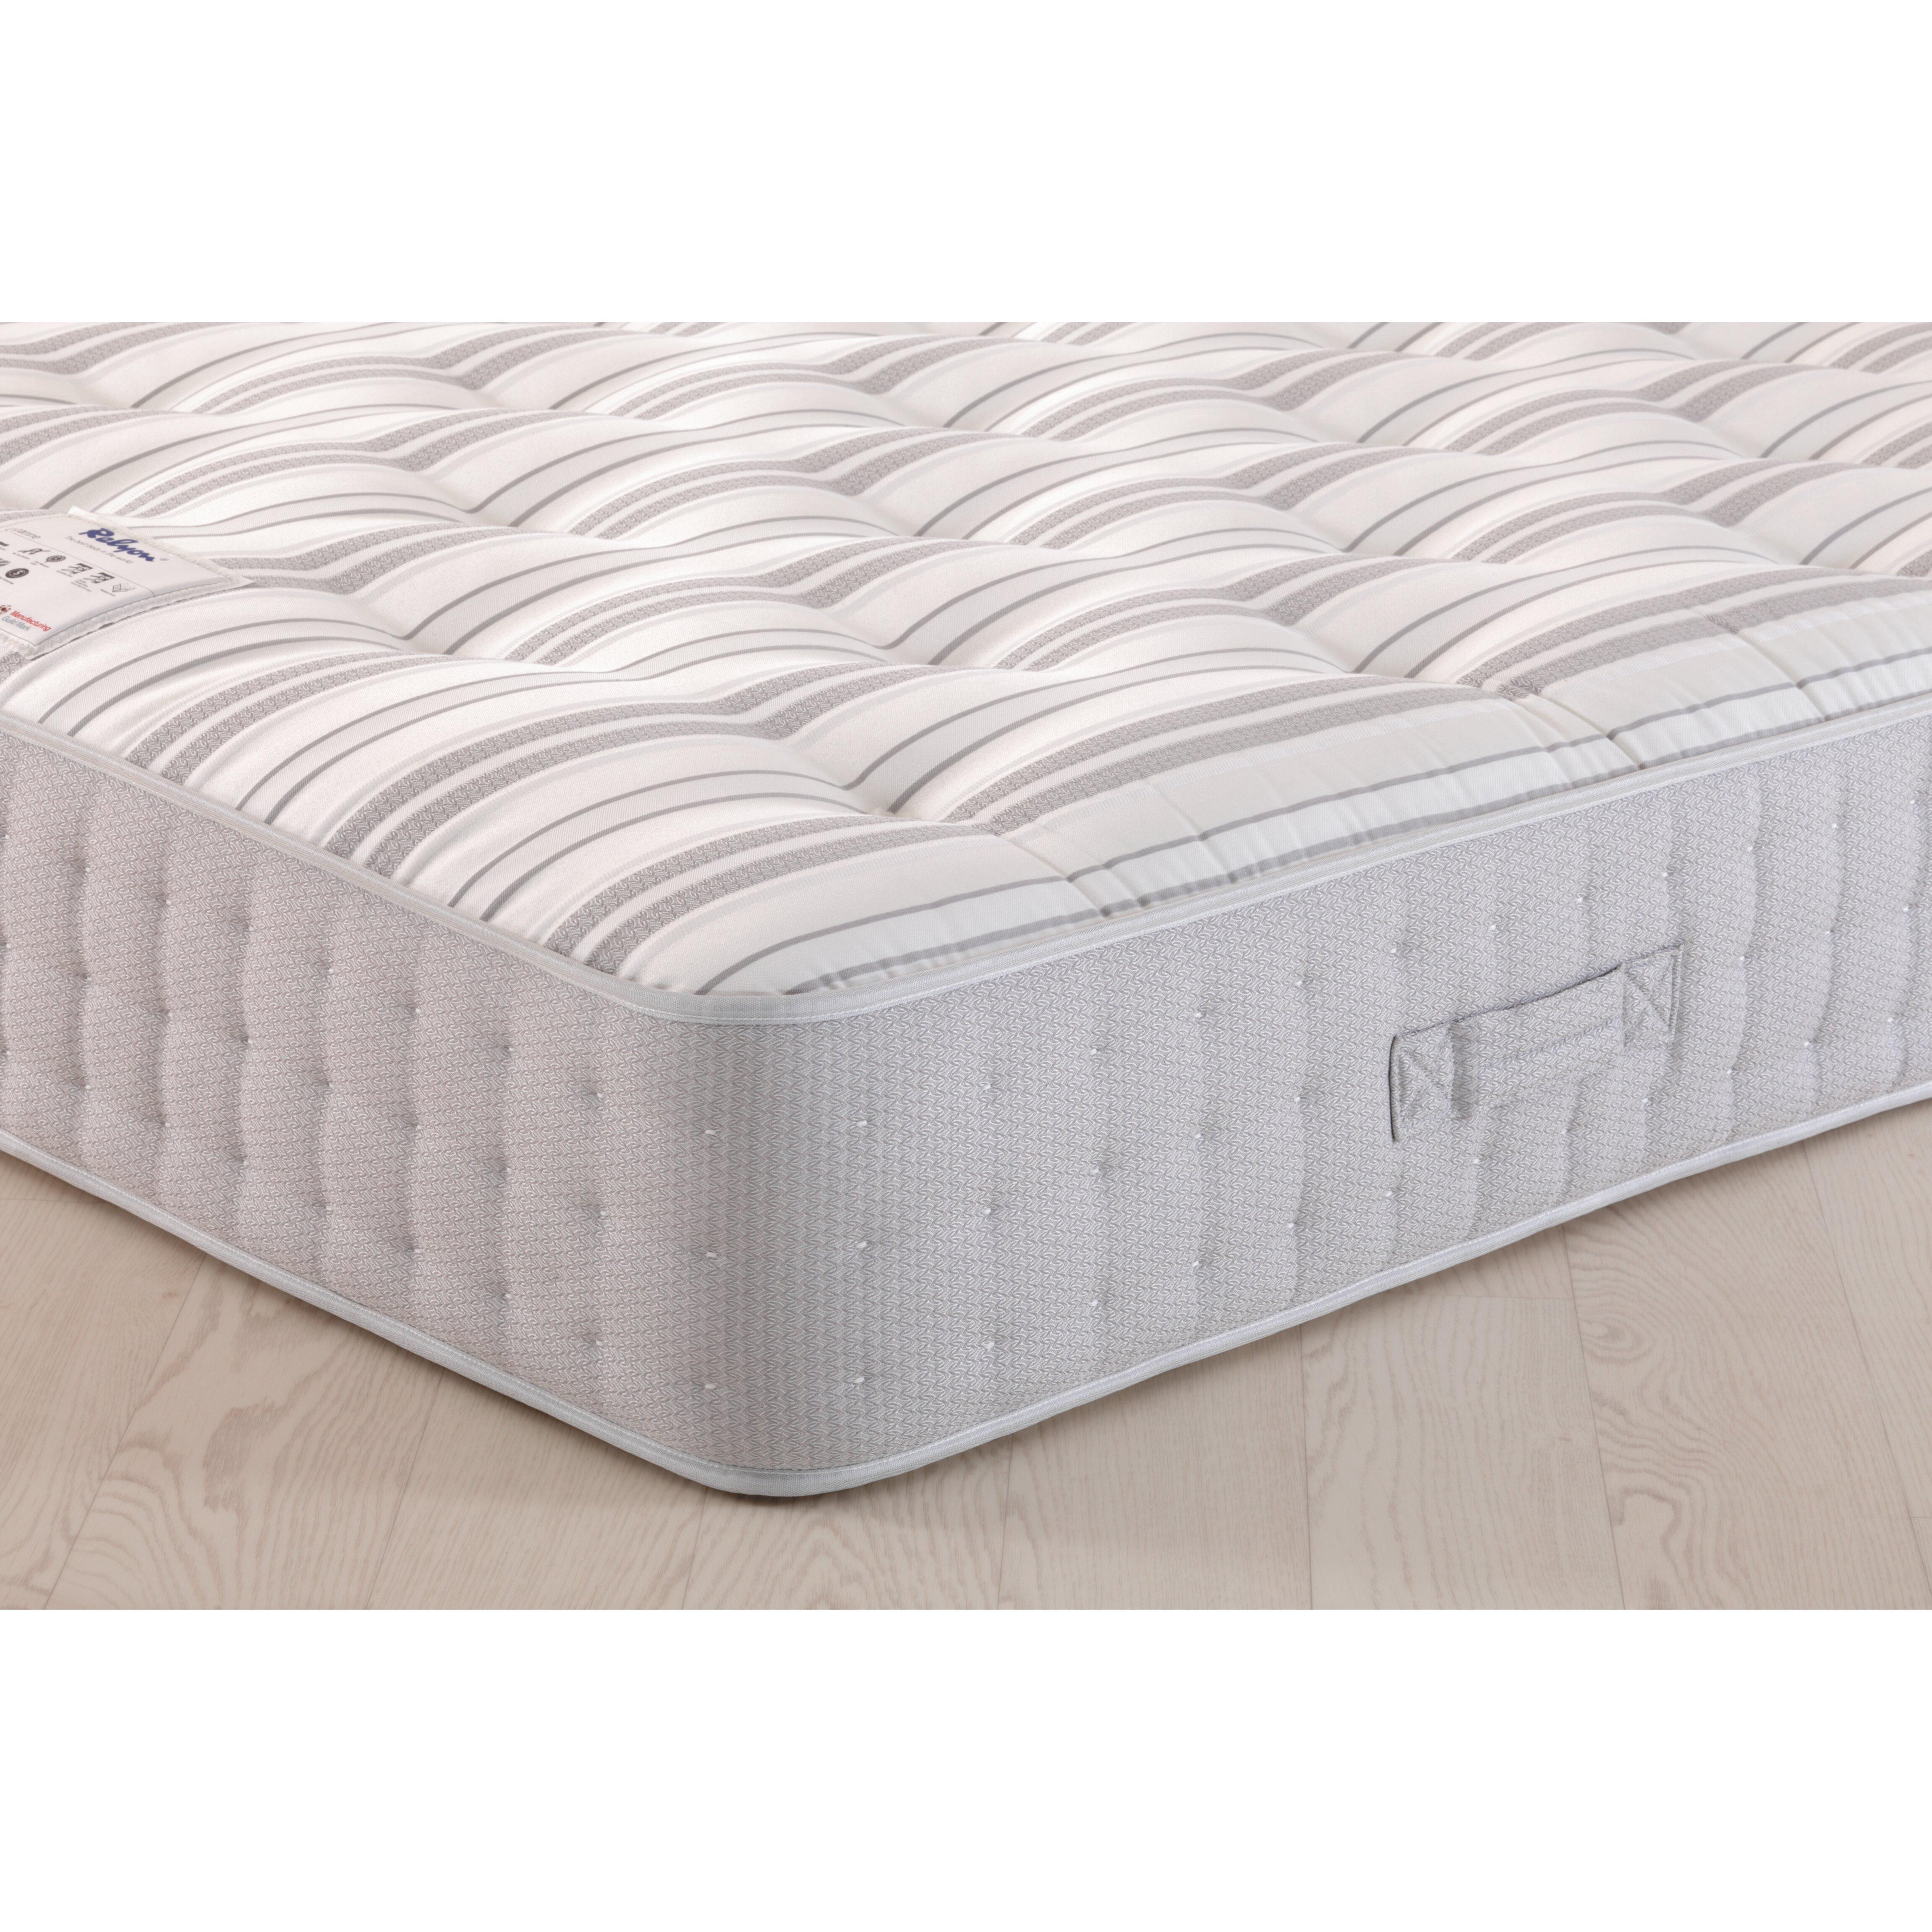 Relyon orthocare elite pocket sprung mattress wayfair uk for Pocket sprung